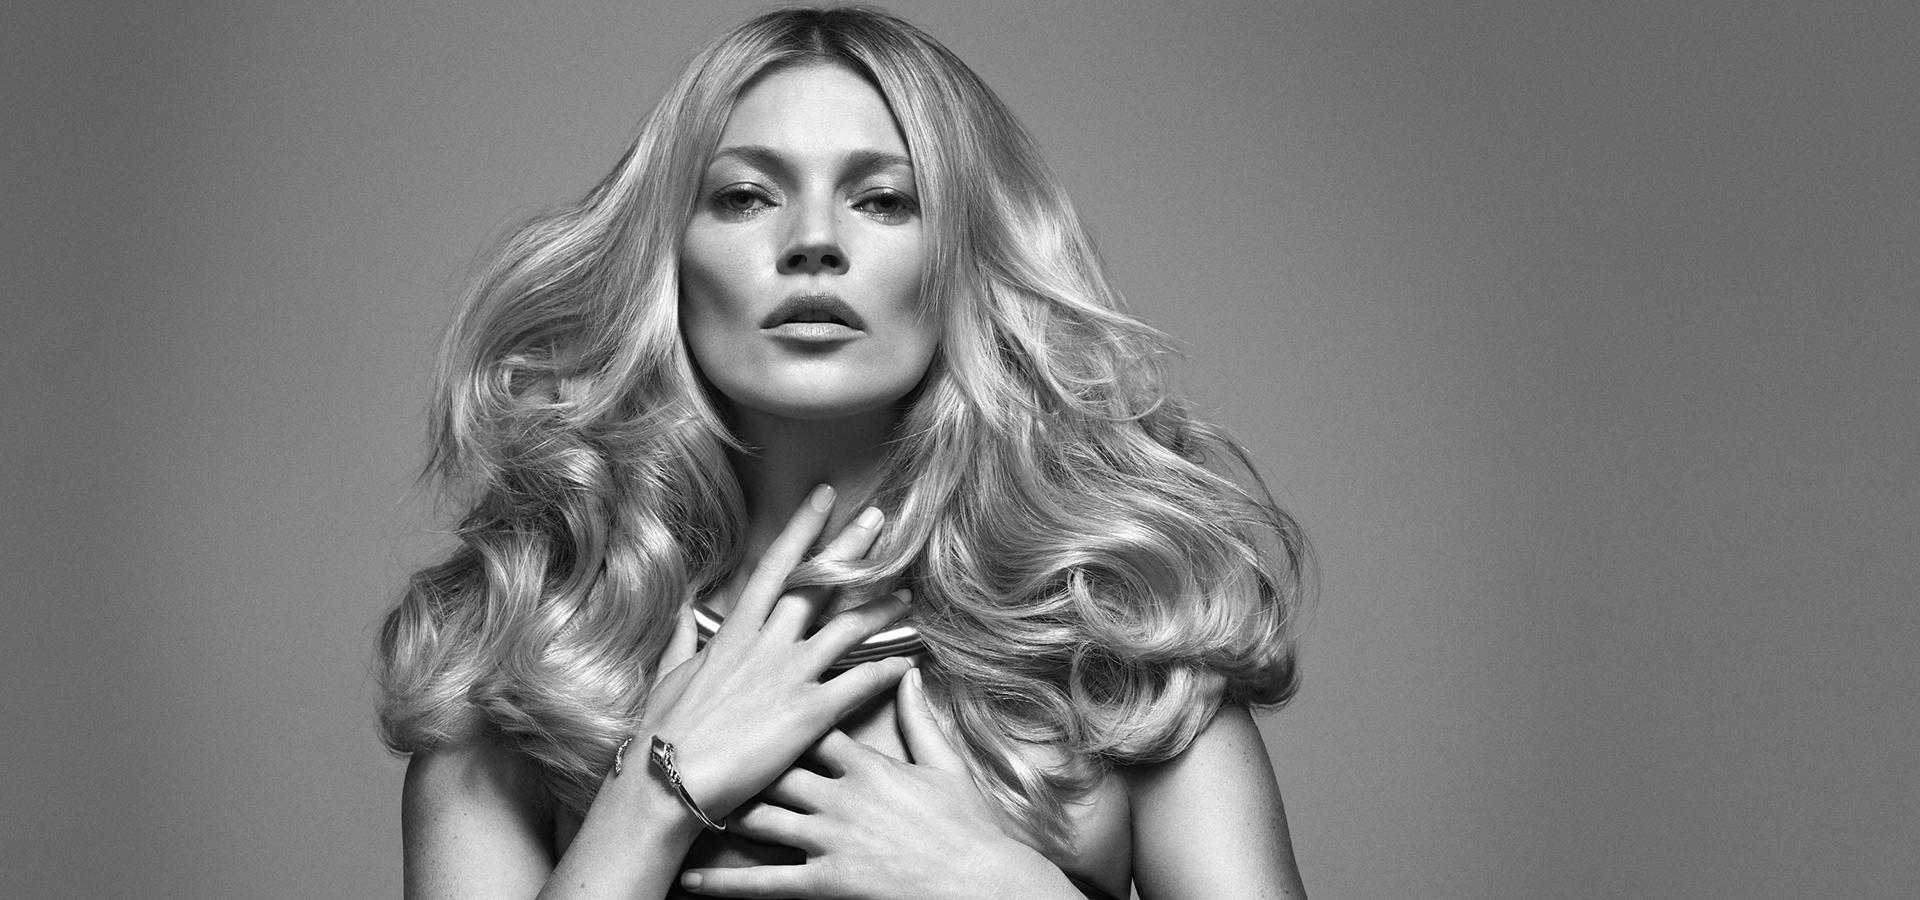 Hair Garage Kérastase Insitute - luksusta ja elämys Sinulle - kauneudenhoitopalvelut